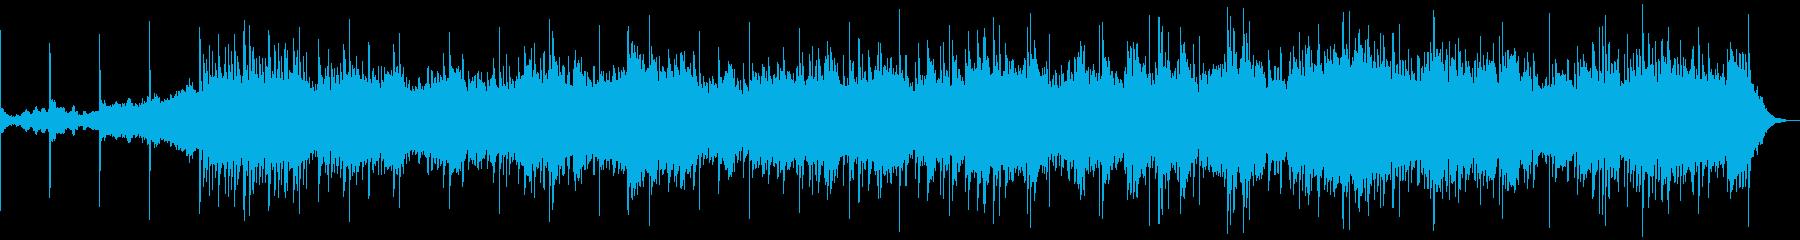 幻想的で可愛いアンビエントの再生済みの波形